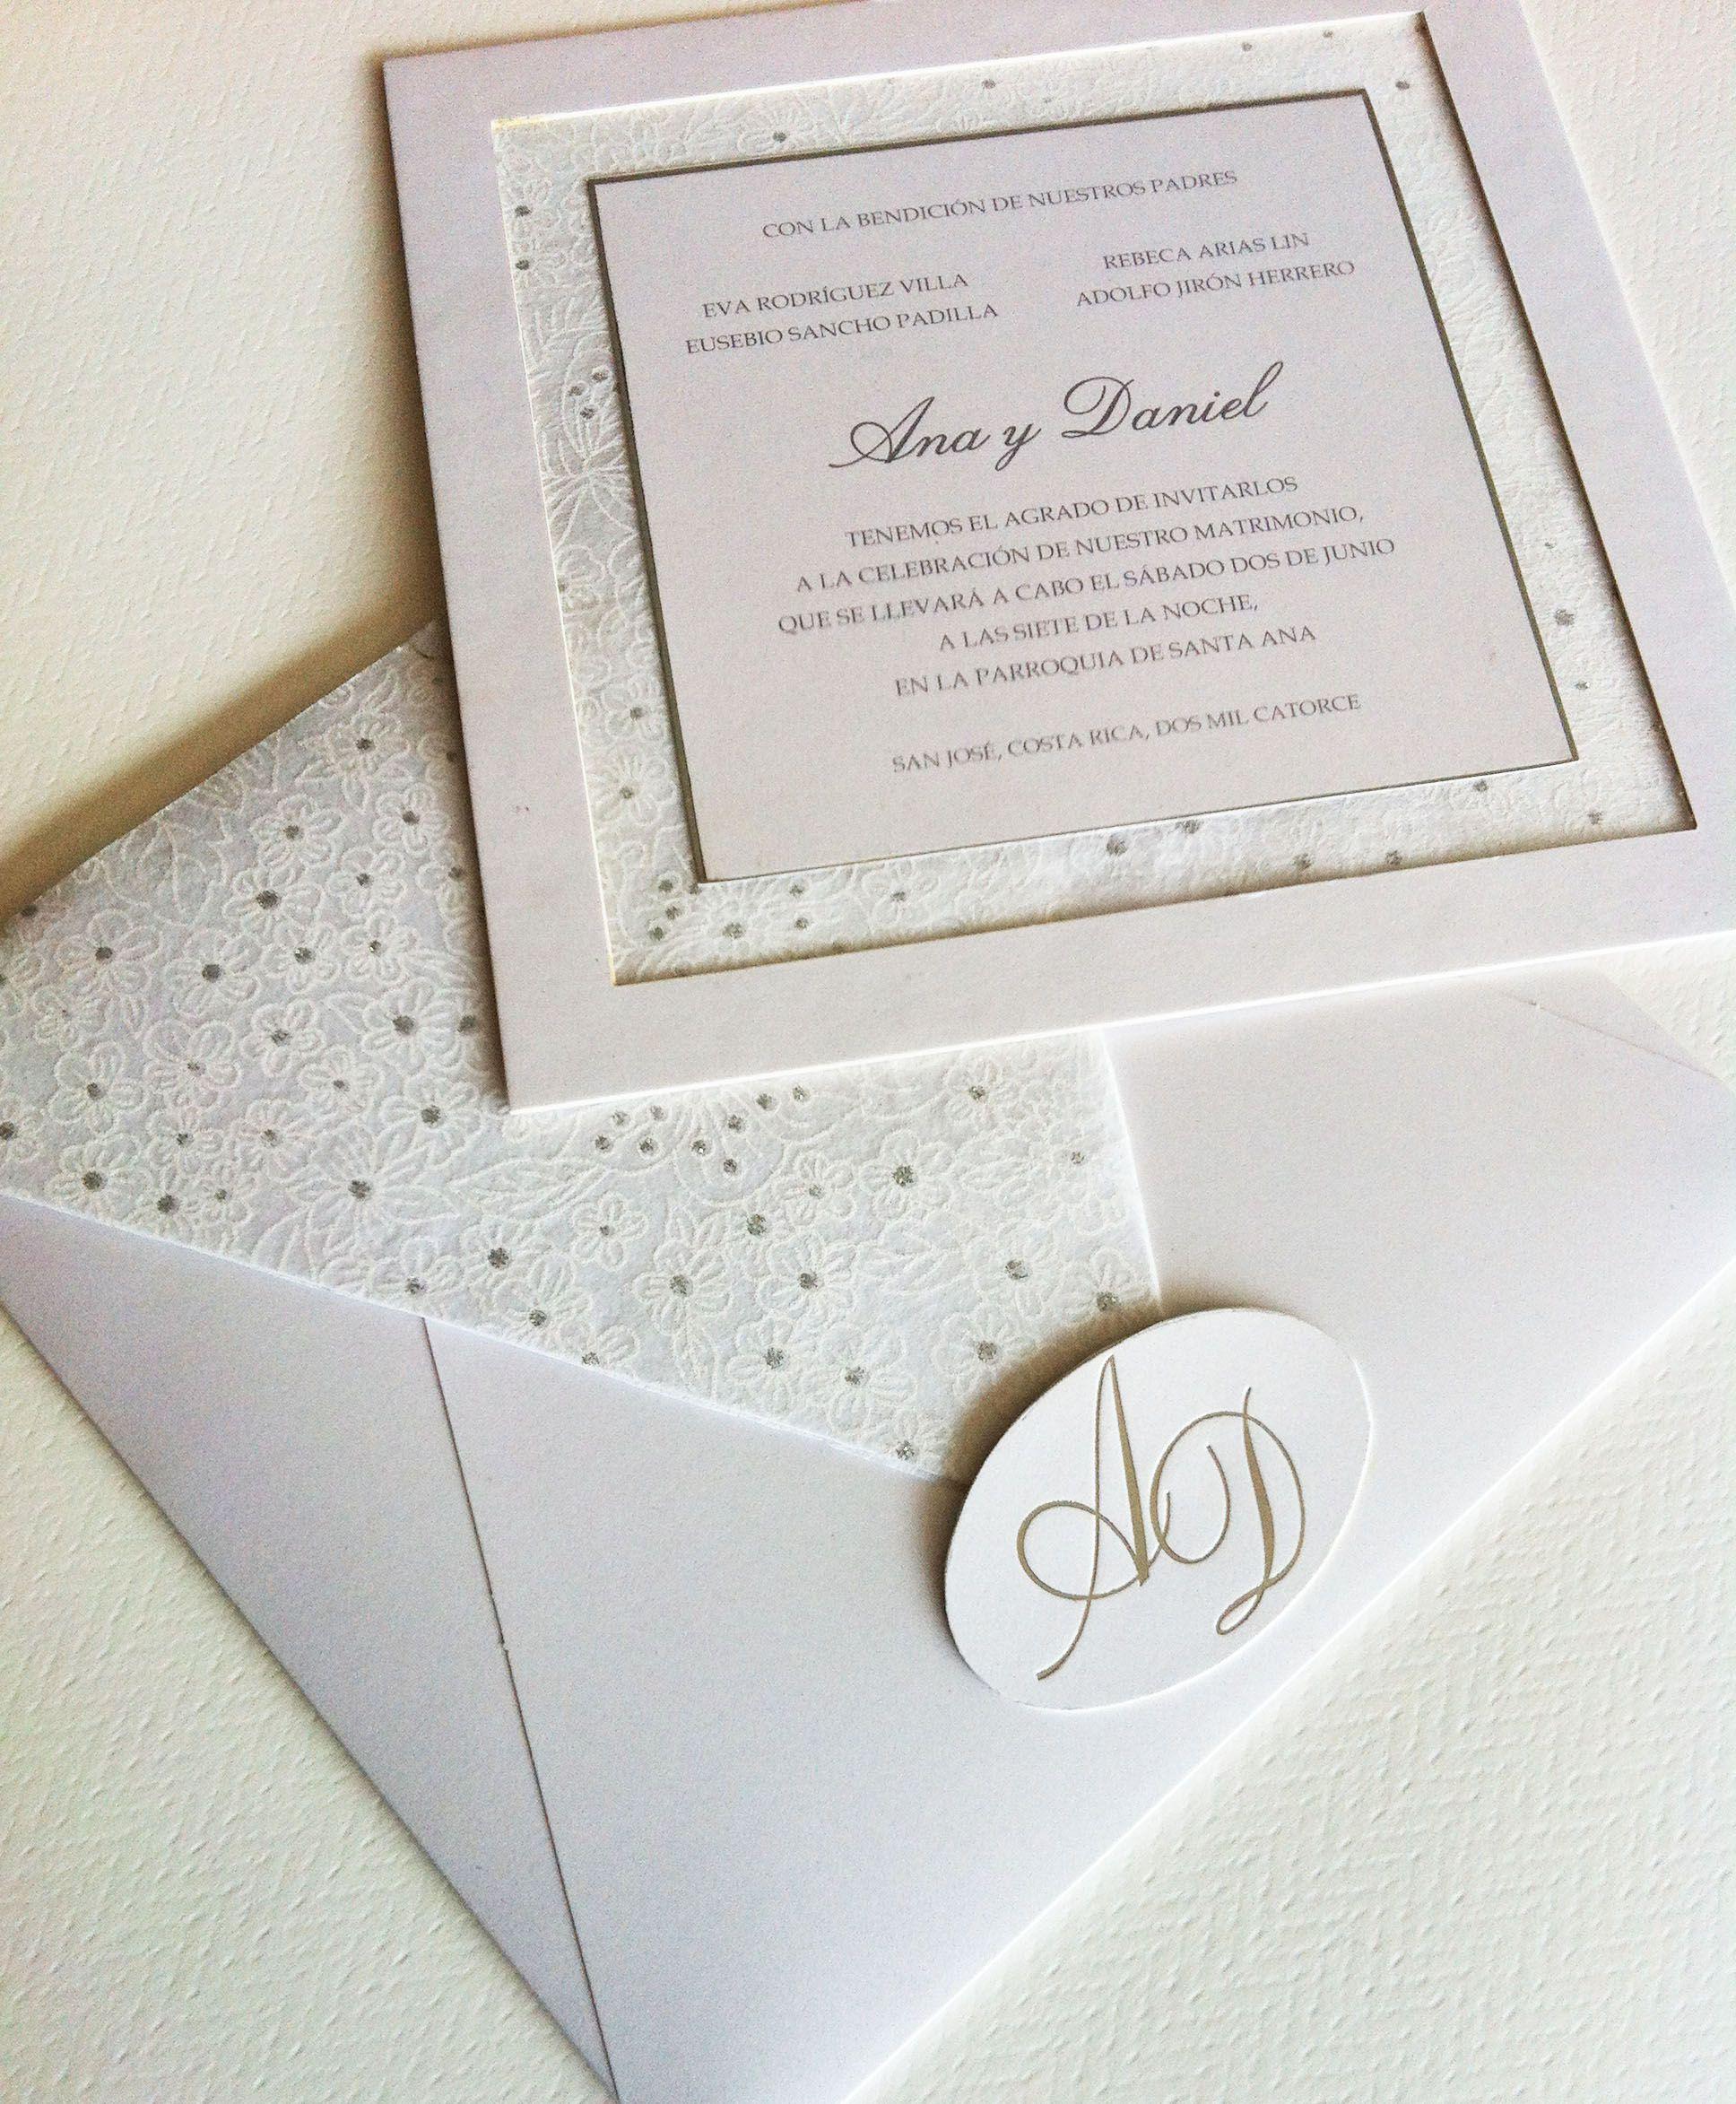 invitaciones para boda | boda Payo y Coty | Pinterest | Weddings